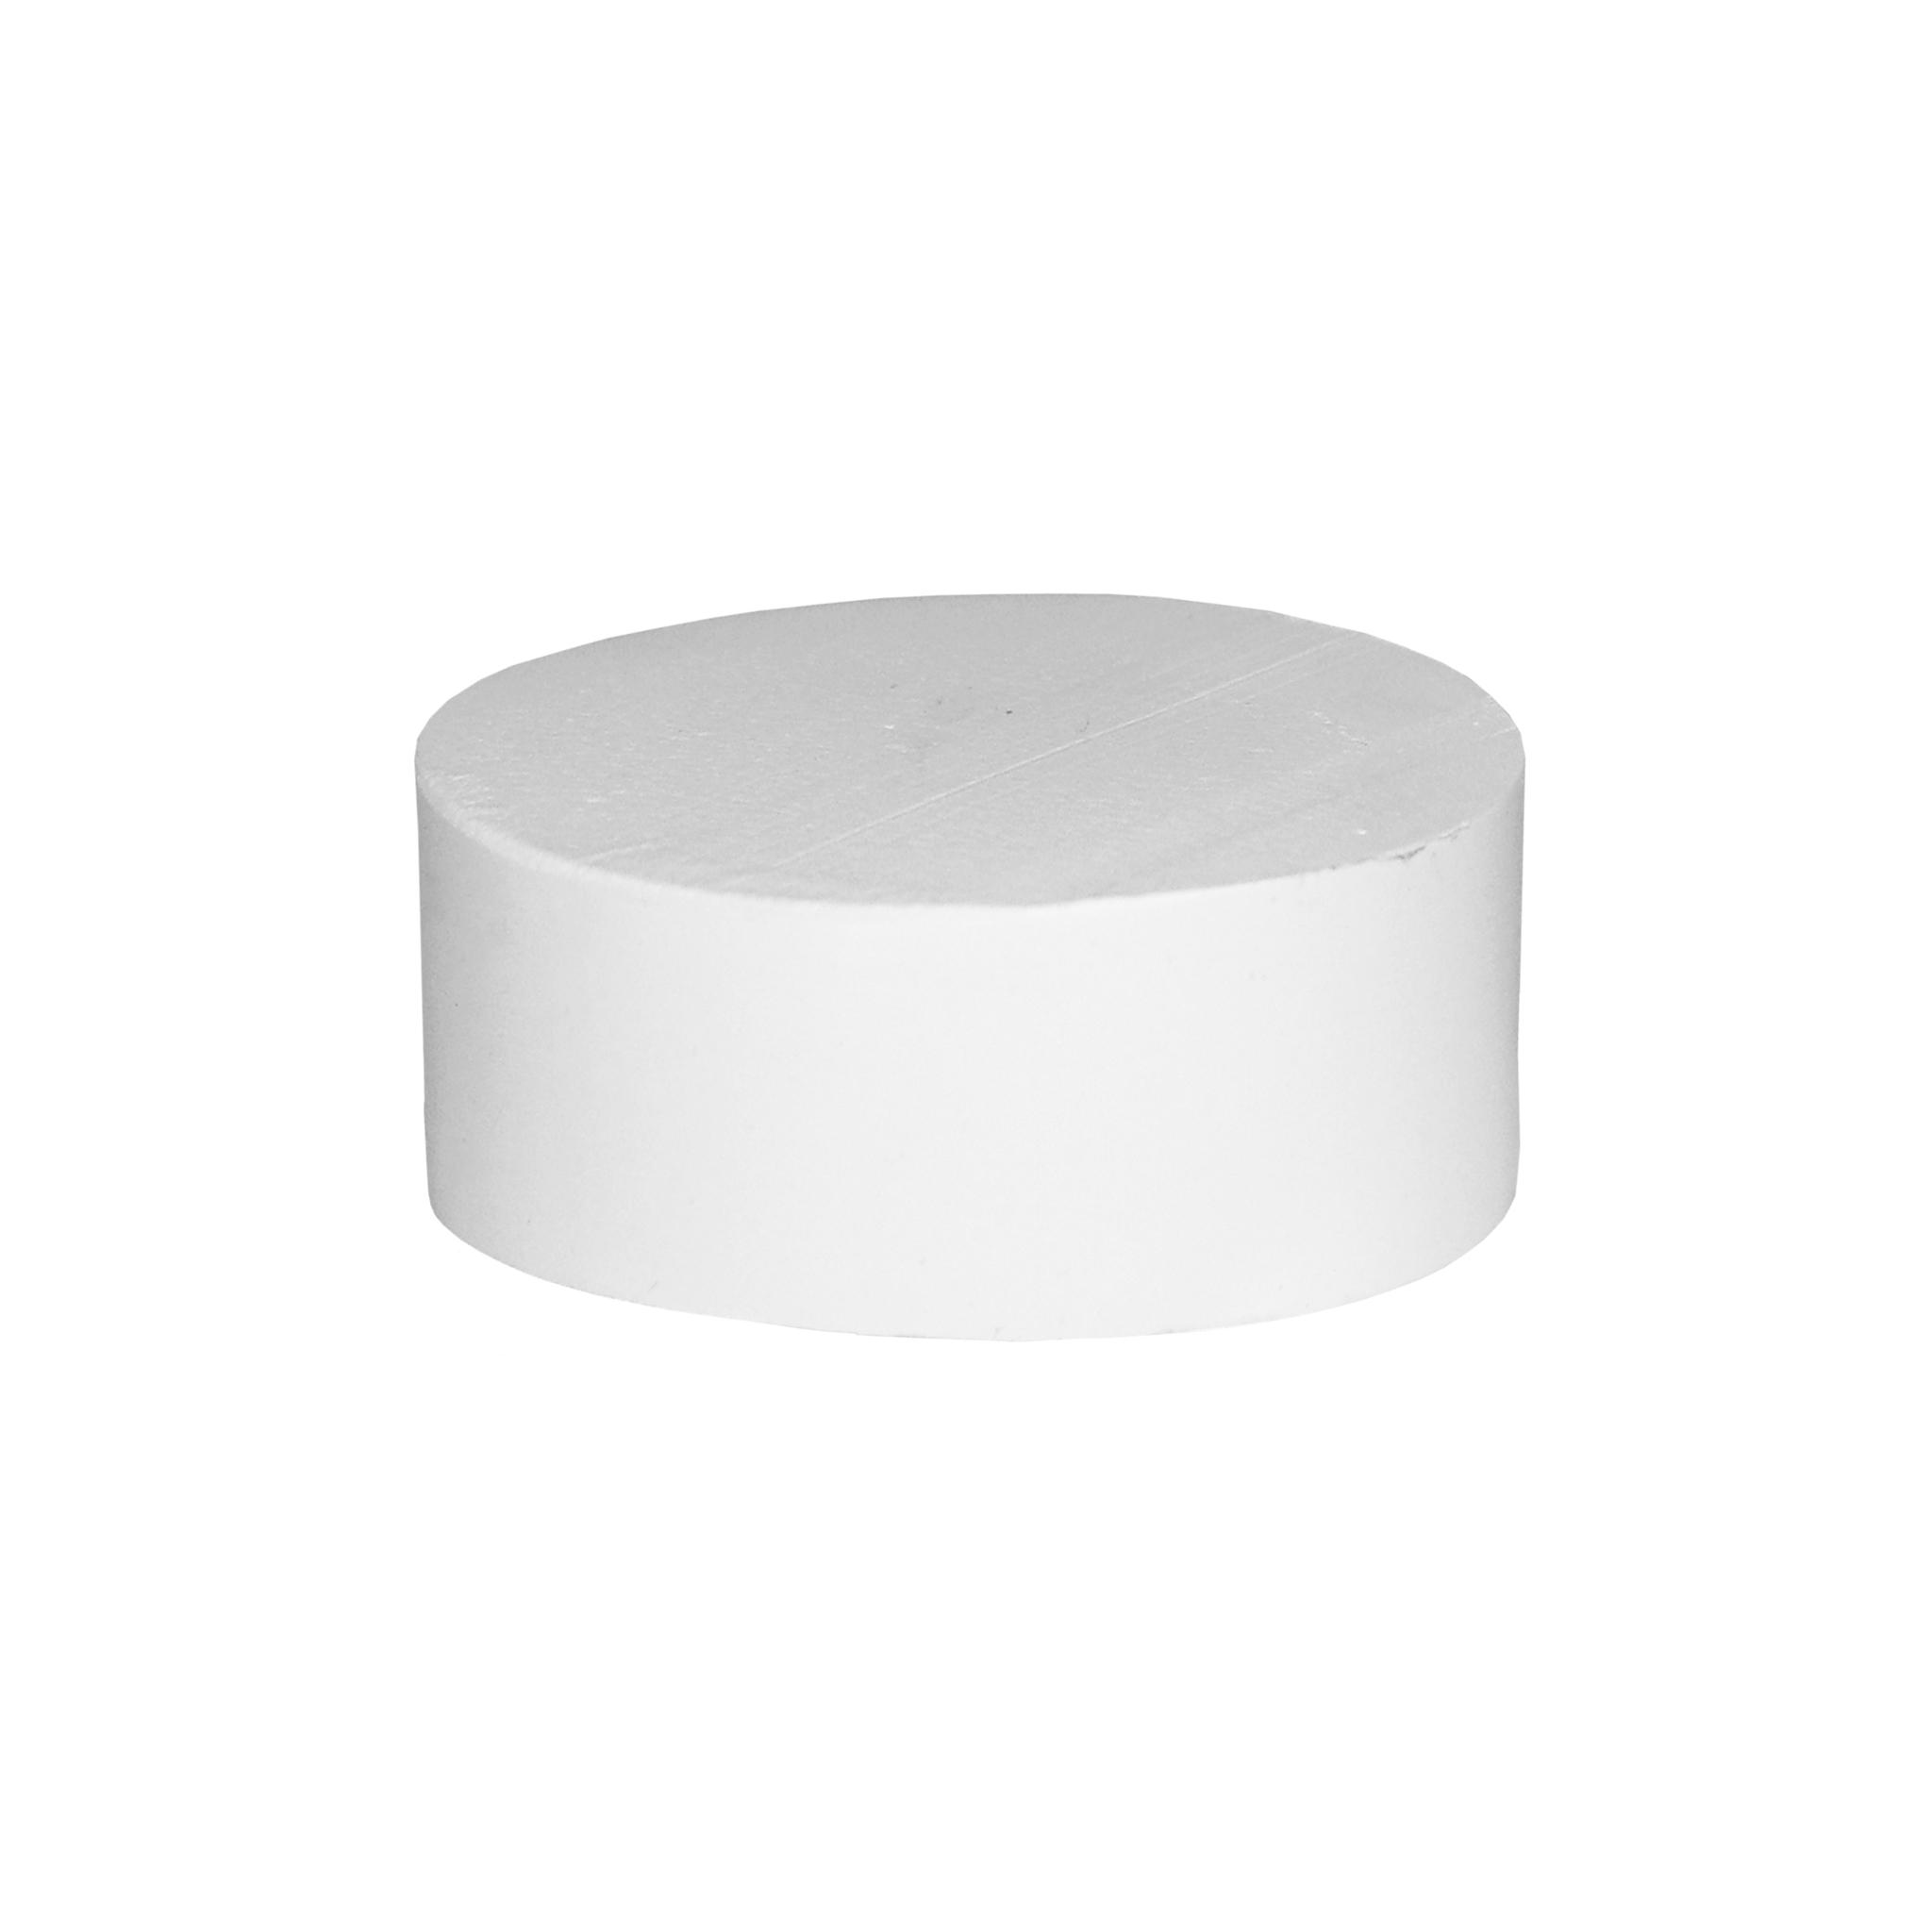 HRANITHERM 1000.71 белый - EVA слабонаполненный клей-расплав в патронах